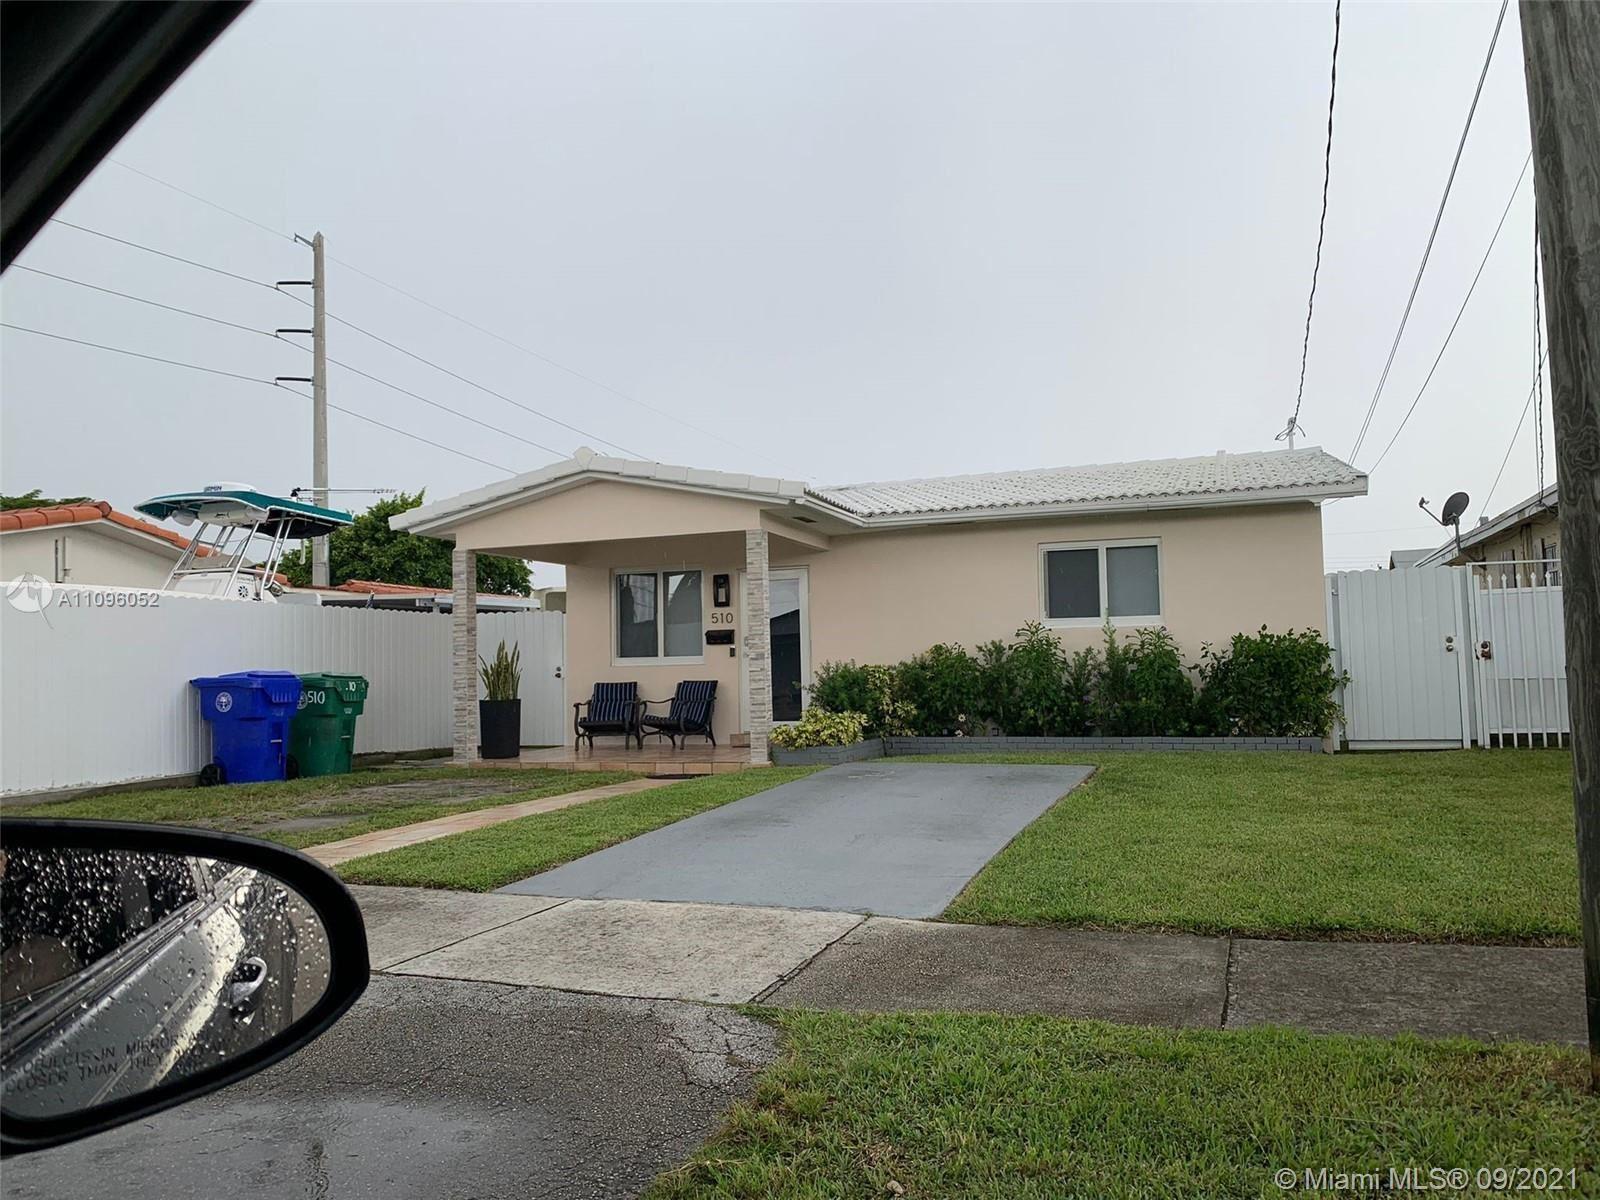 510 NW 59th Ave, Miami, FL 33126 - #: A11096052